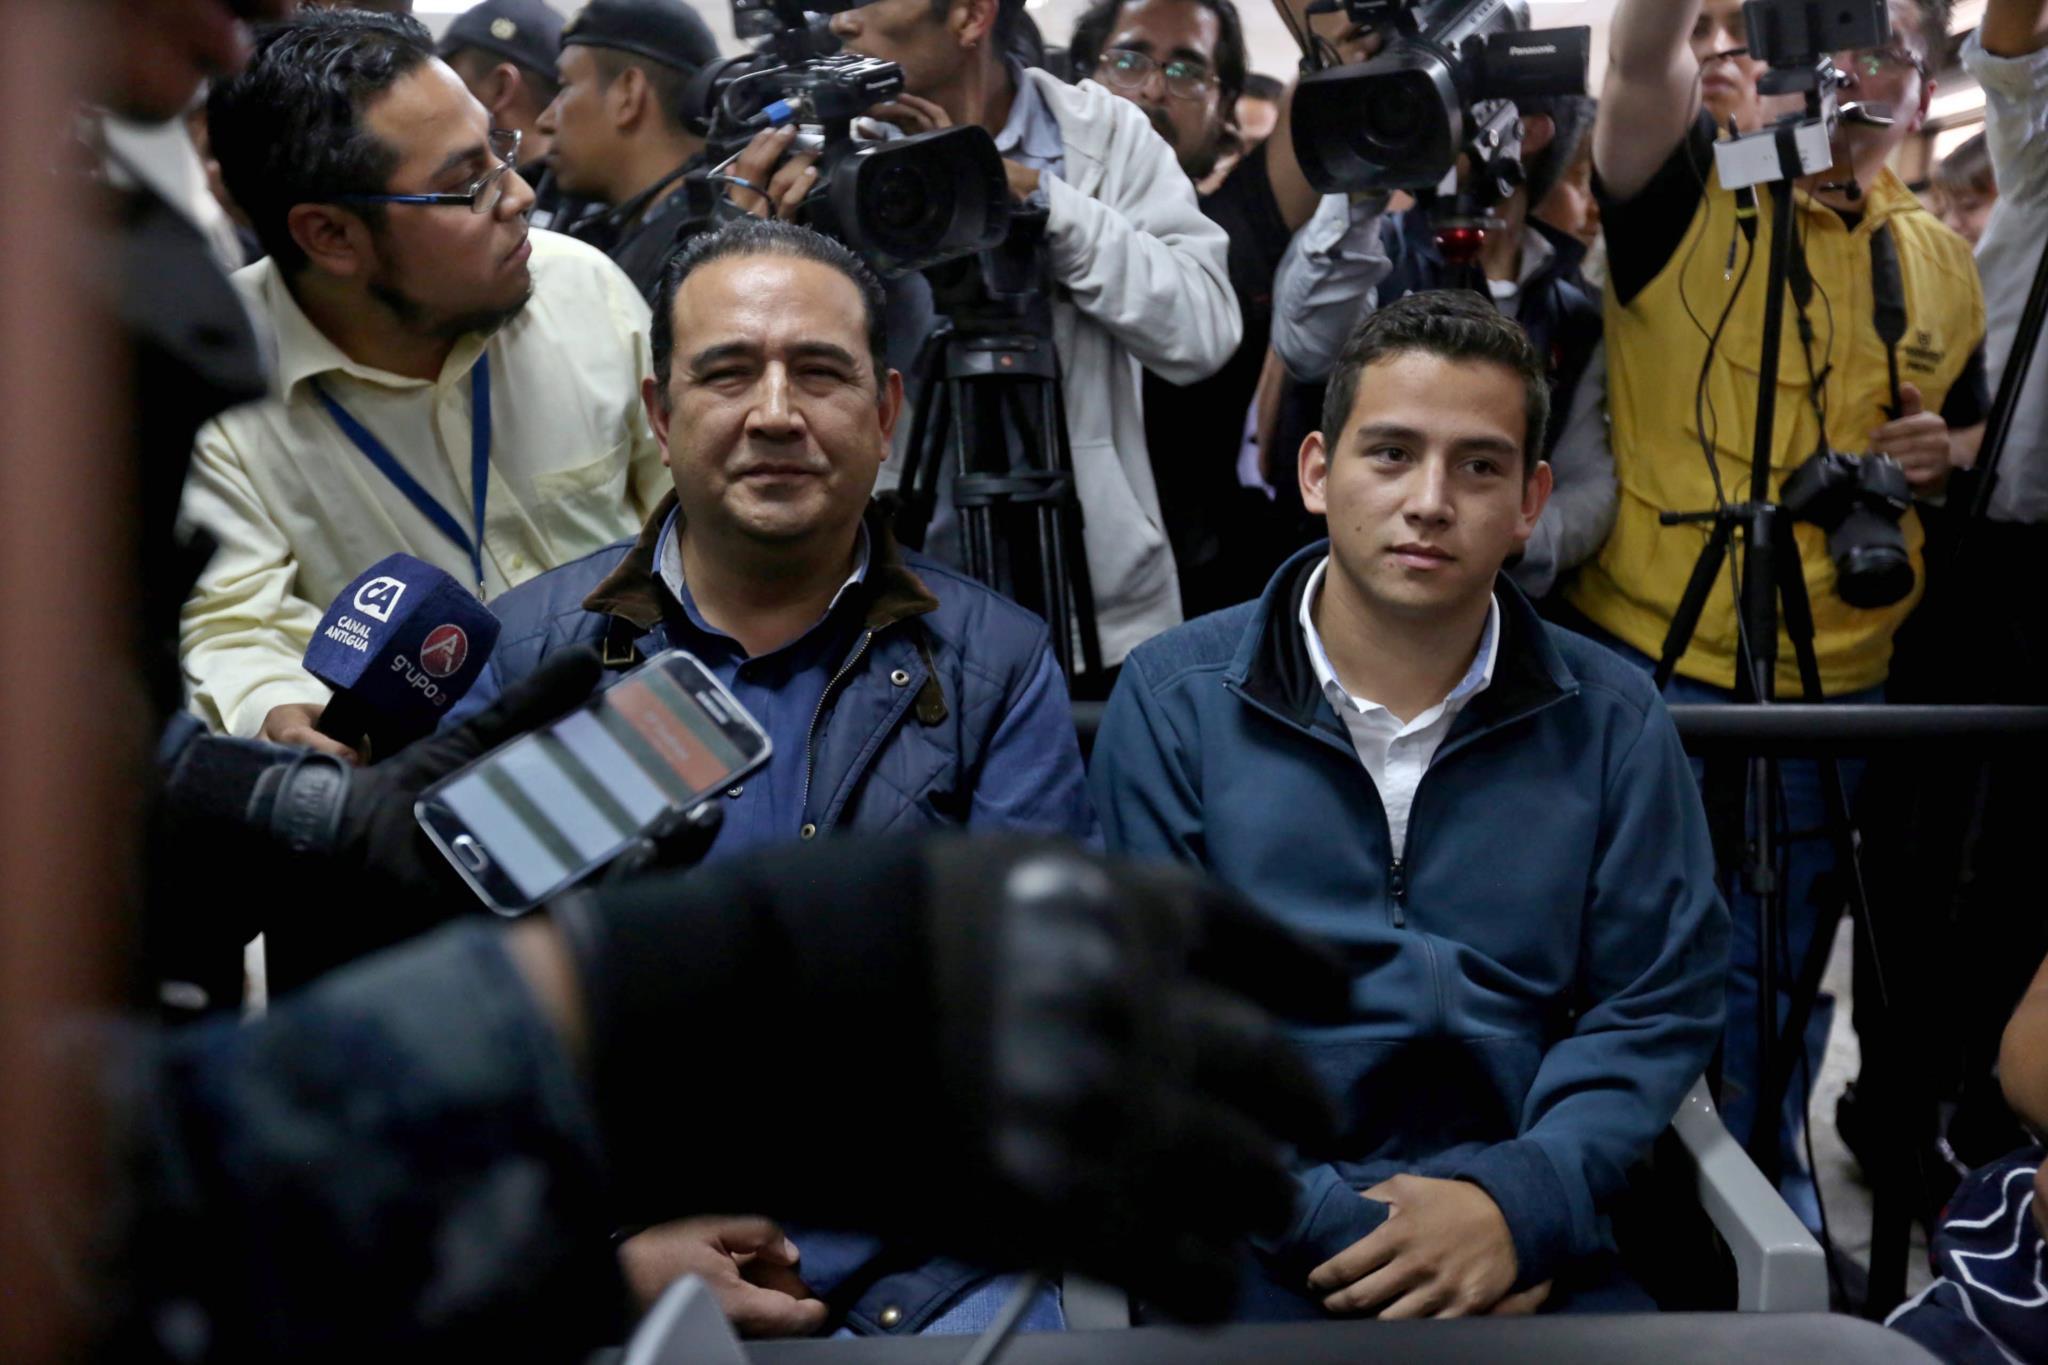 PÚBLICO - Filho e irmão do Presidente do Guatemala detidos por suspeitas de corrupção